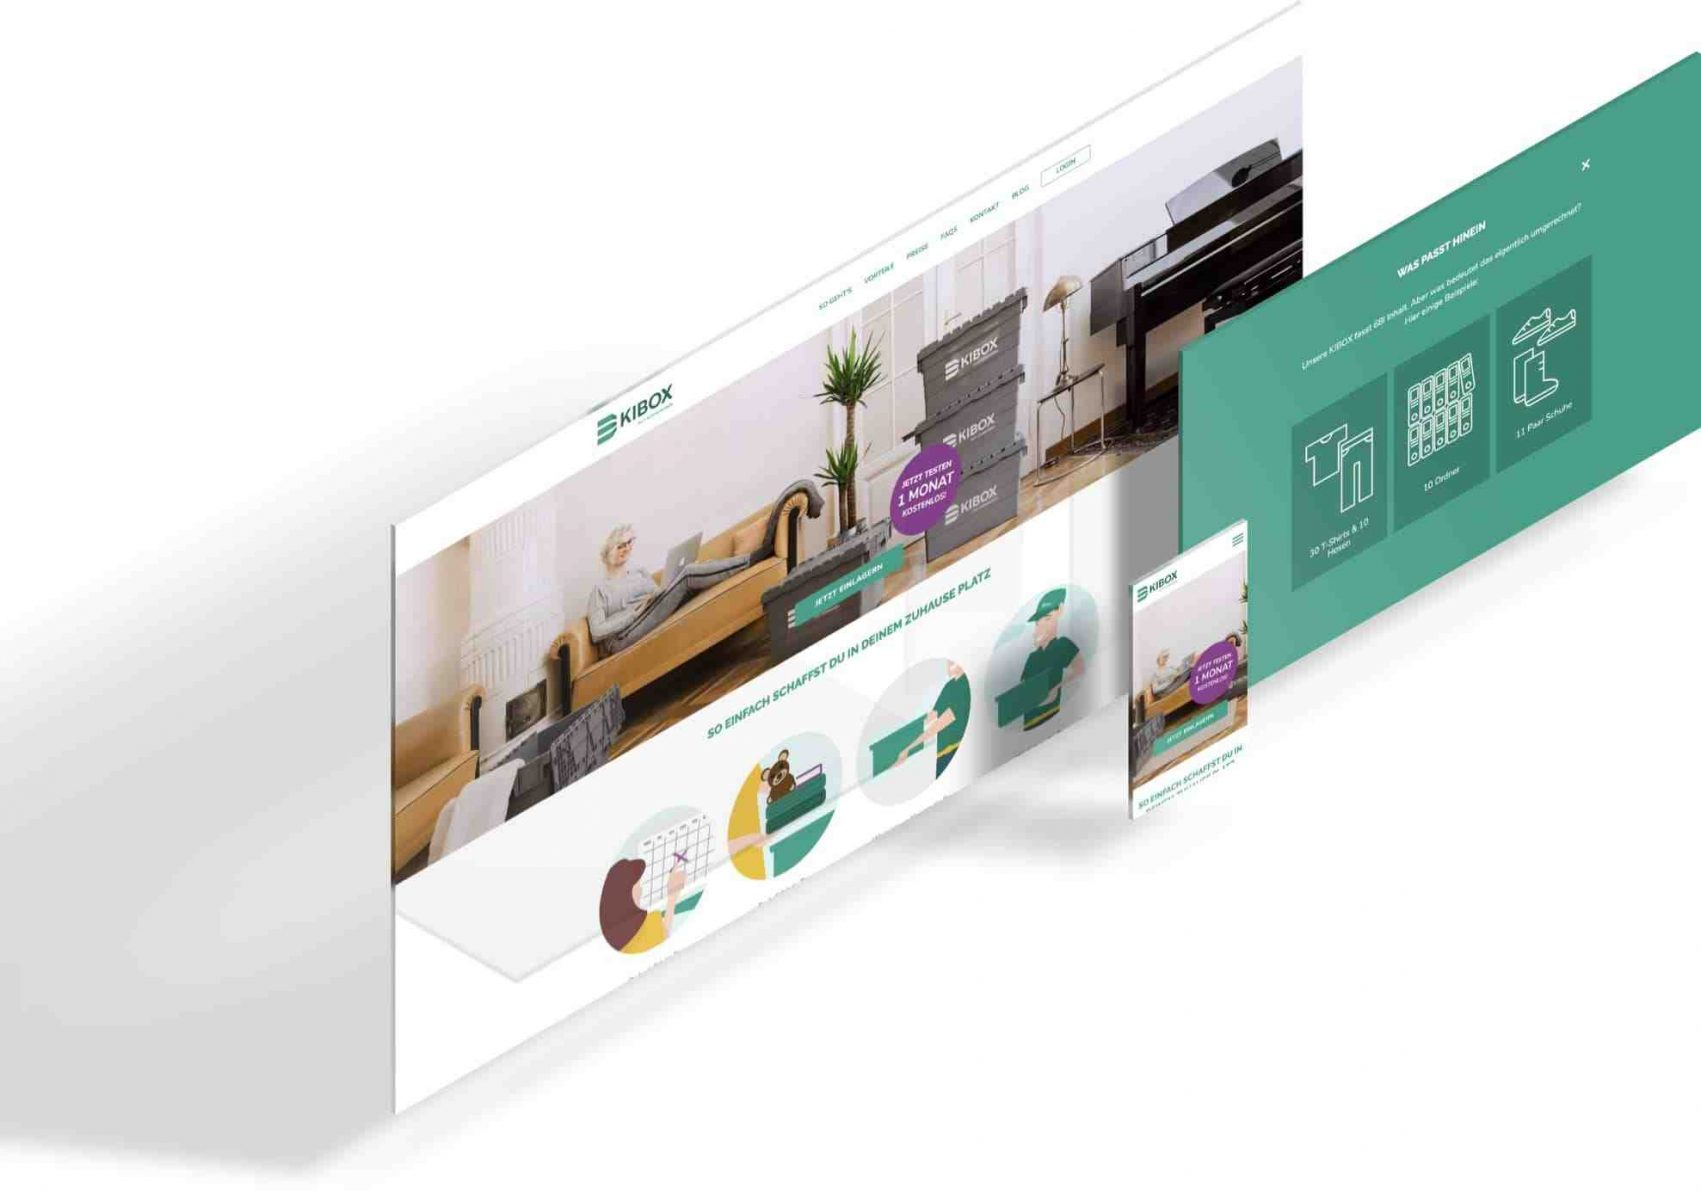 Die Ansicht der KIBOX Website auf den verschiedenen Geräten um zu zeigen, dass das Design responsive ist